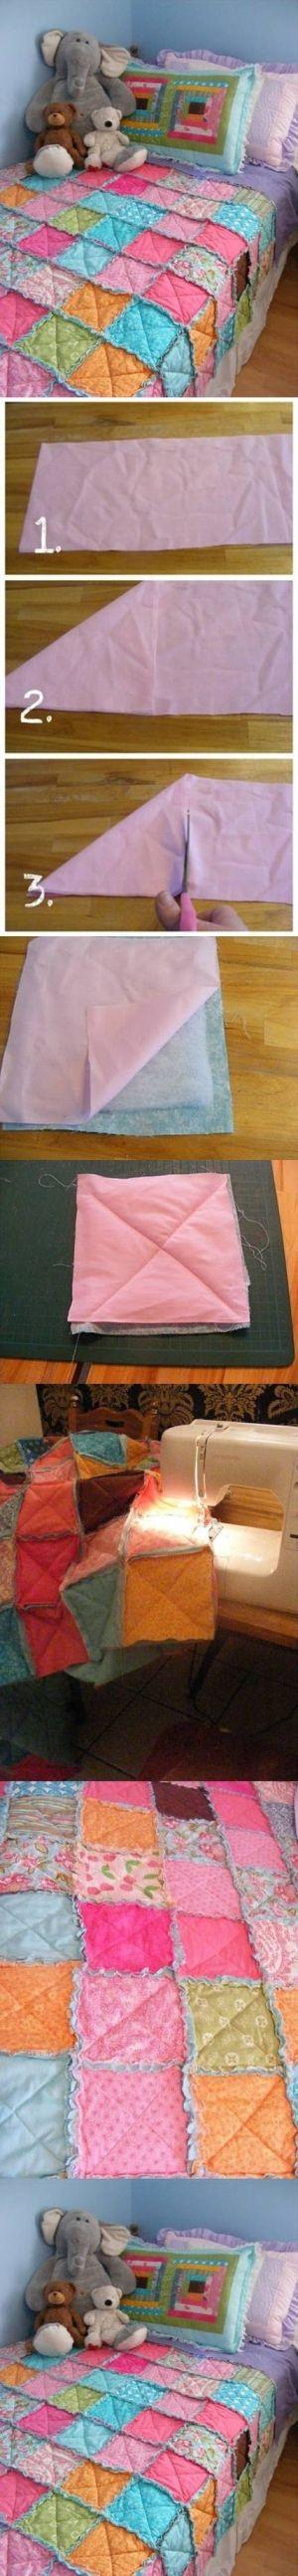 DIY Blanket Patchwork Technique Internet Tutorial DIY Blanket Patchwork Technique Internet Tutorial by diyforever